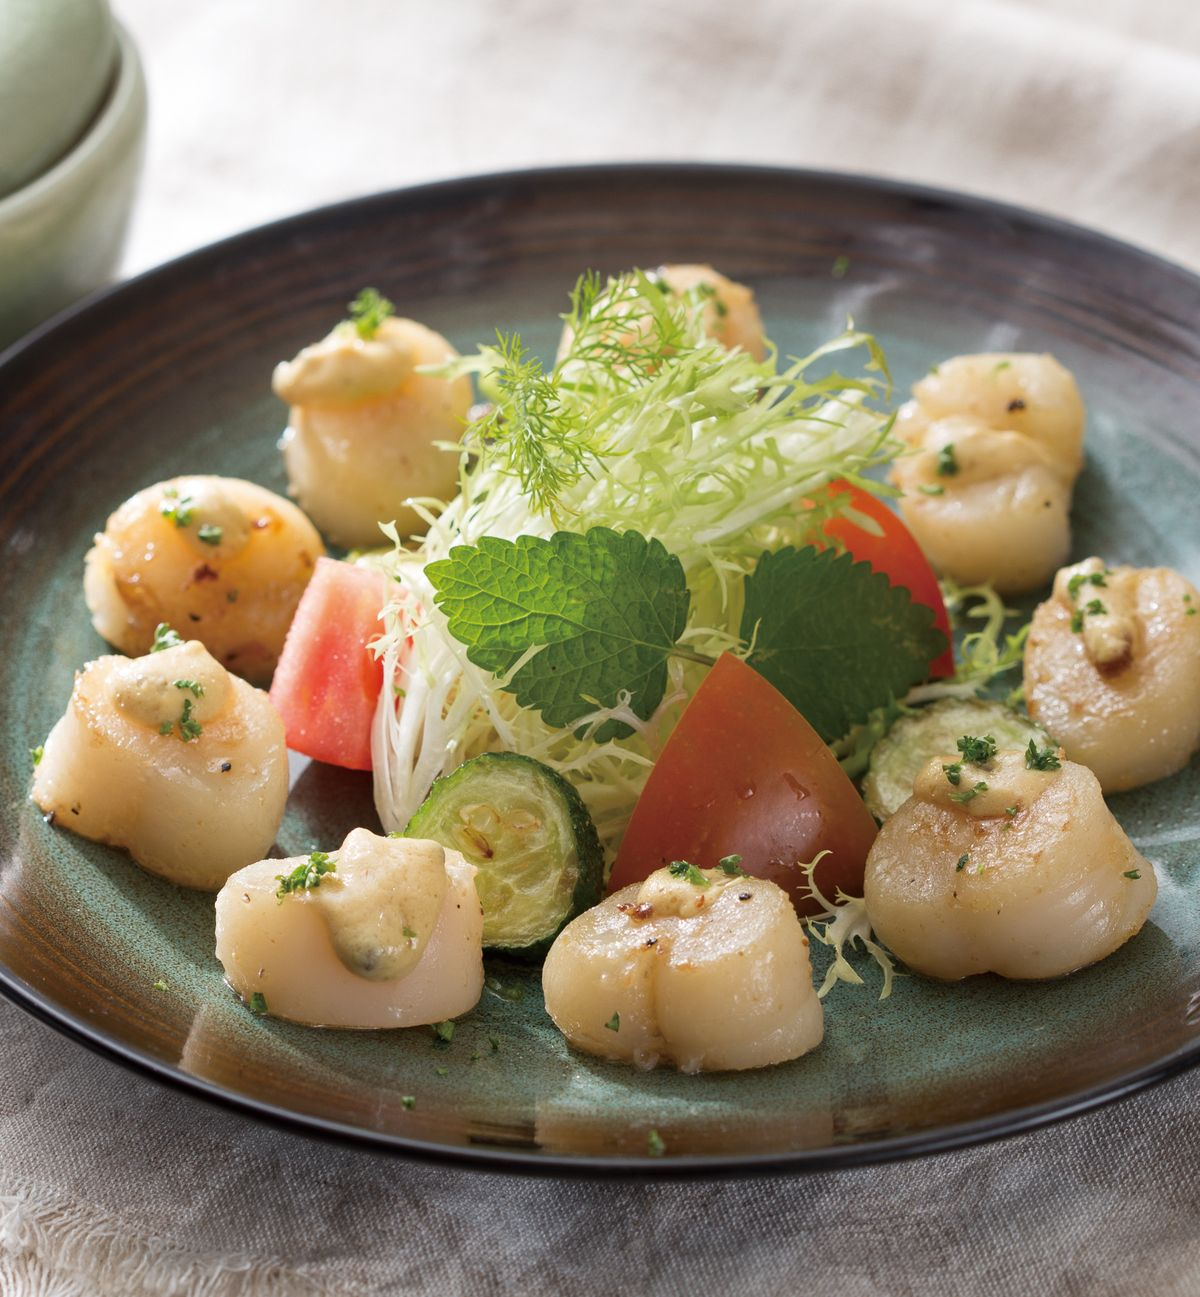 食譜:芥末籽干貝沙拉